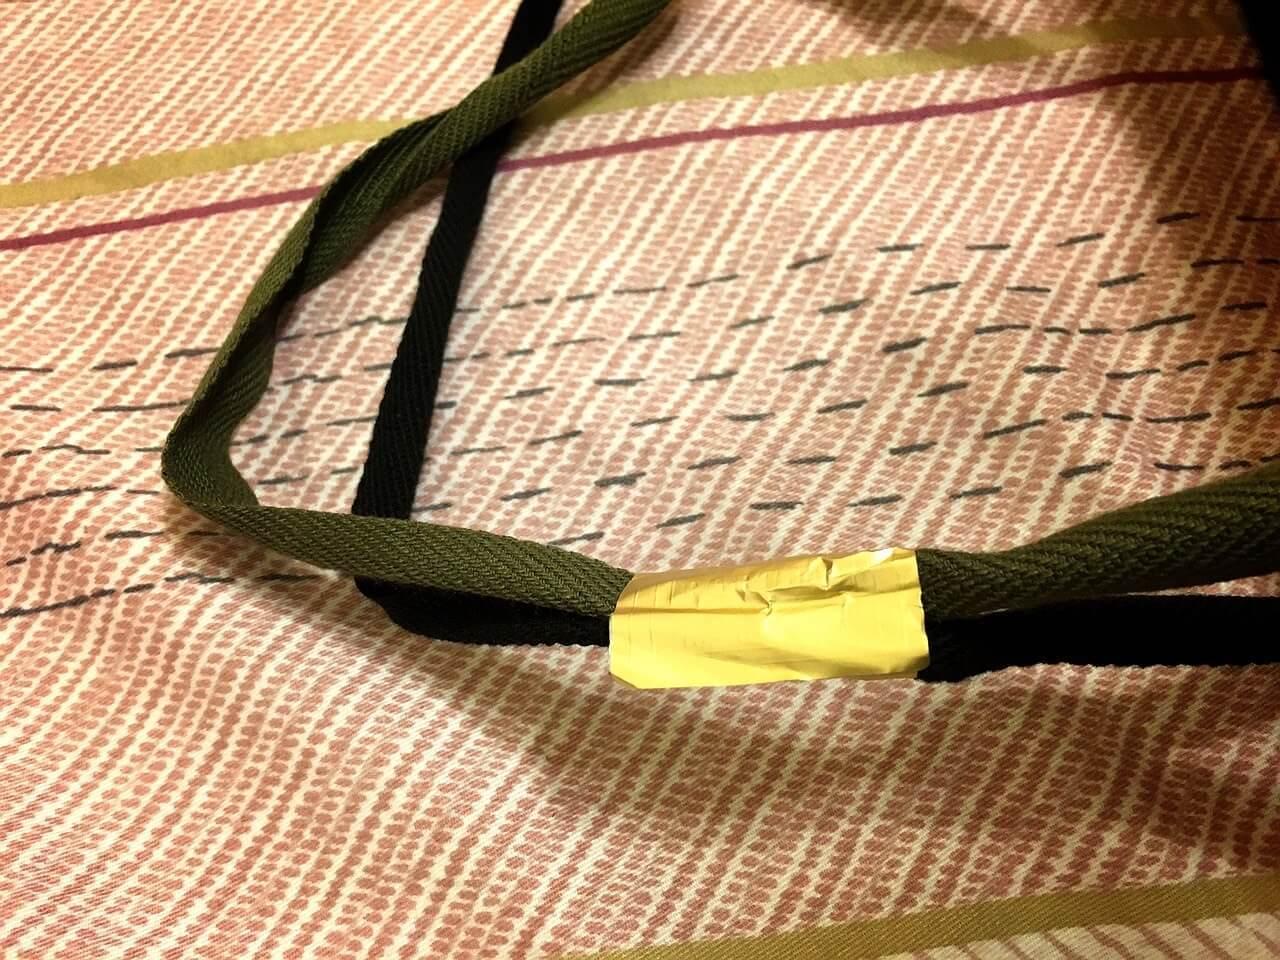 提袋上還用 Porter 金色的貼紙封著